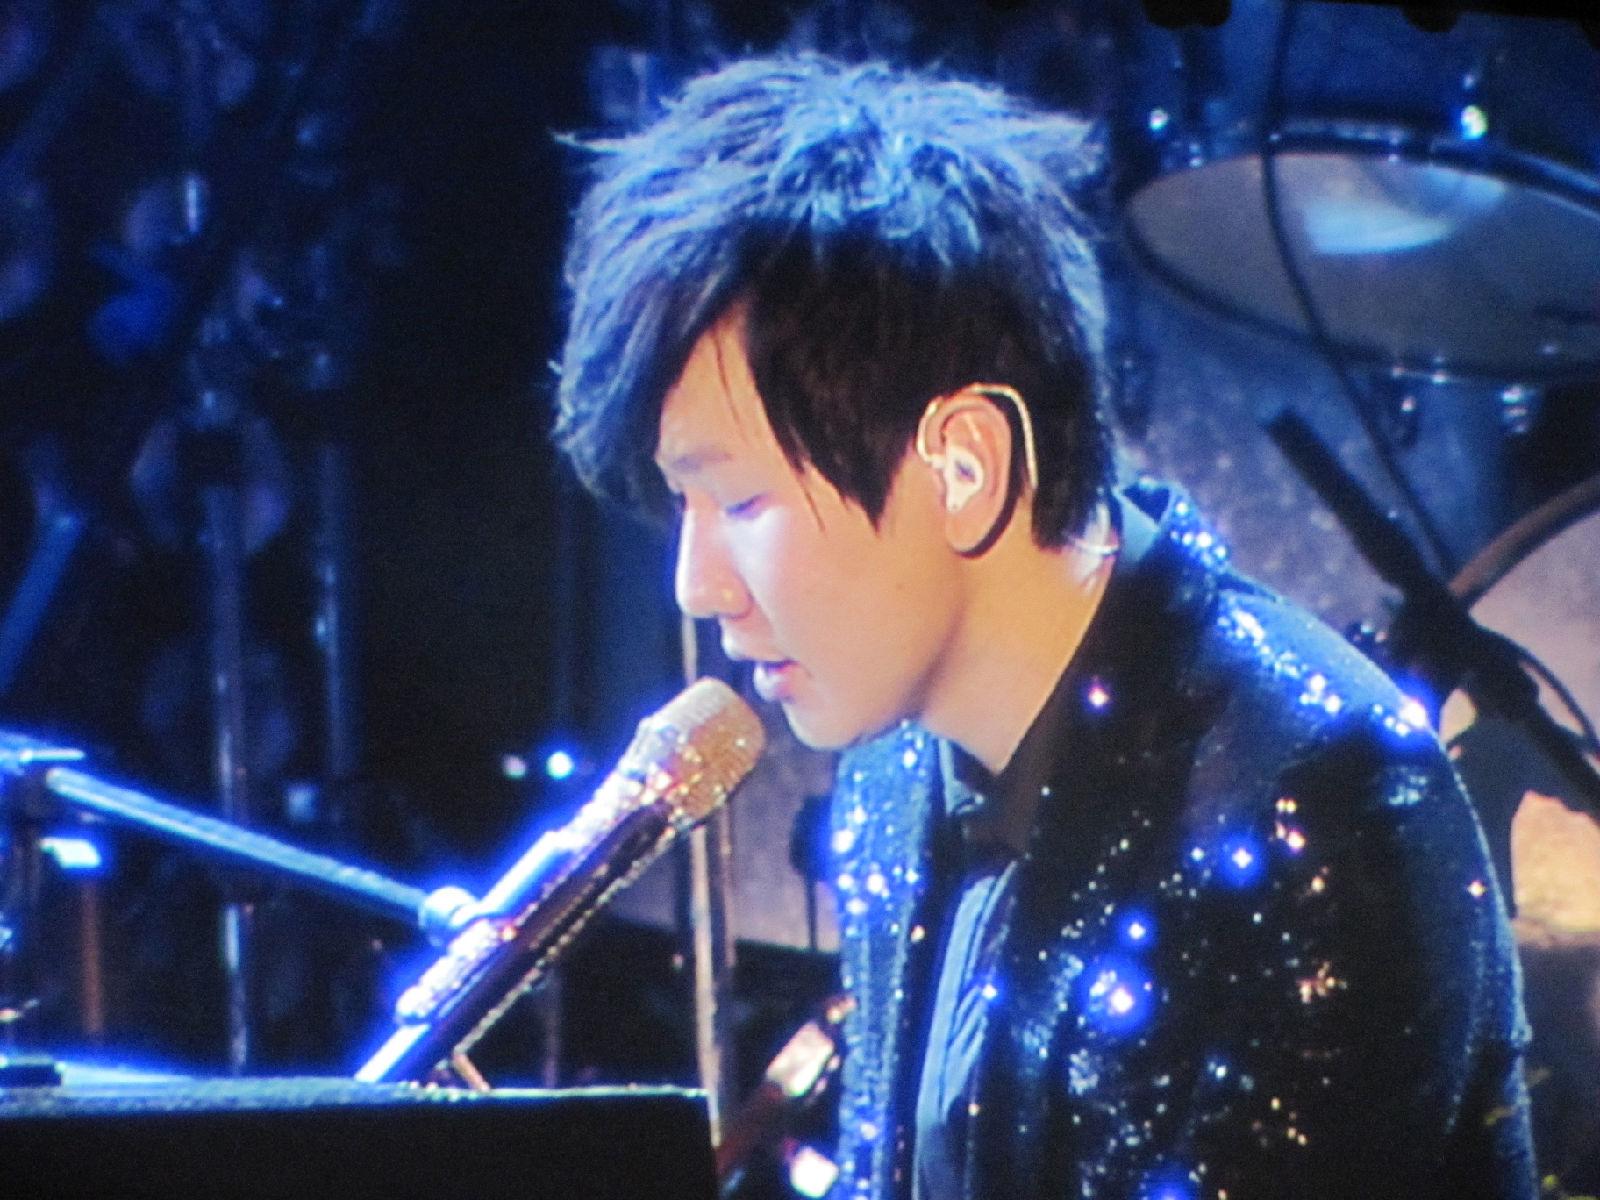 【学不会】林俊杰演唱会各种帅图【高清无水印】图片